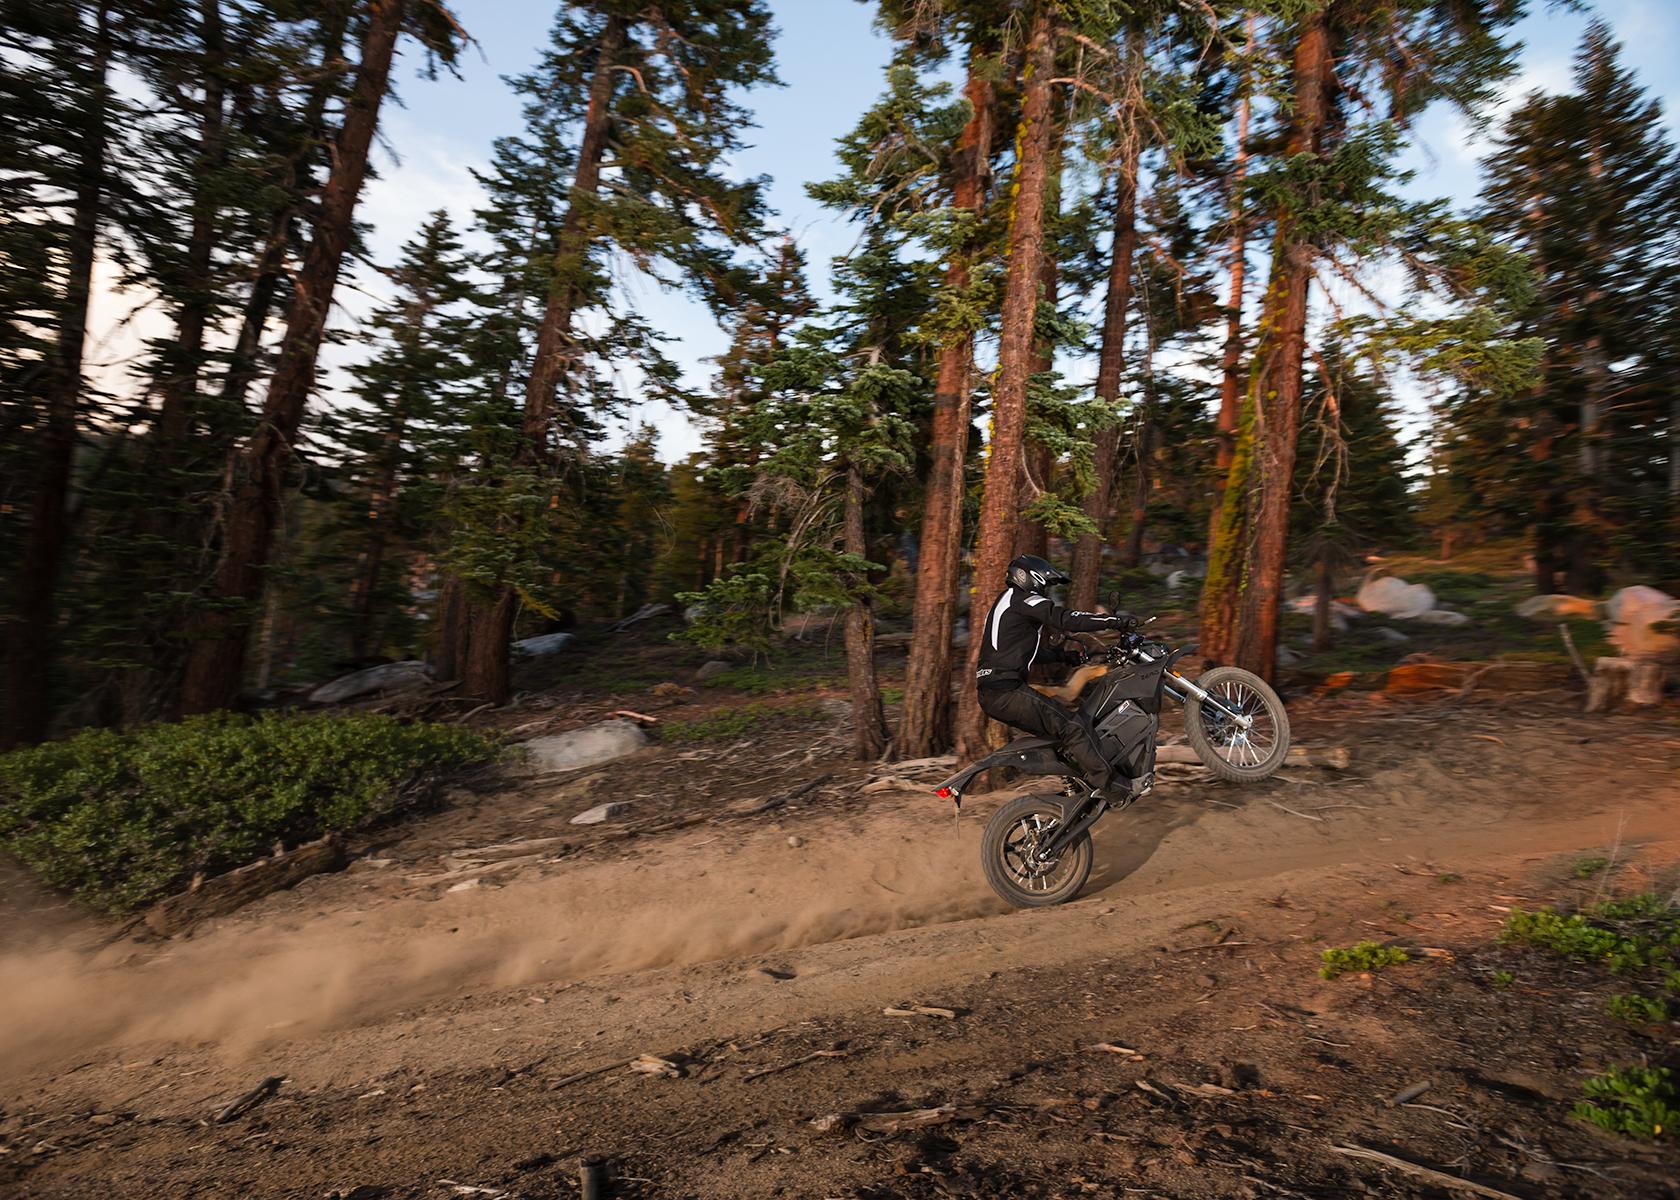 2015 Zero FX Electric Motorcycle: